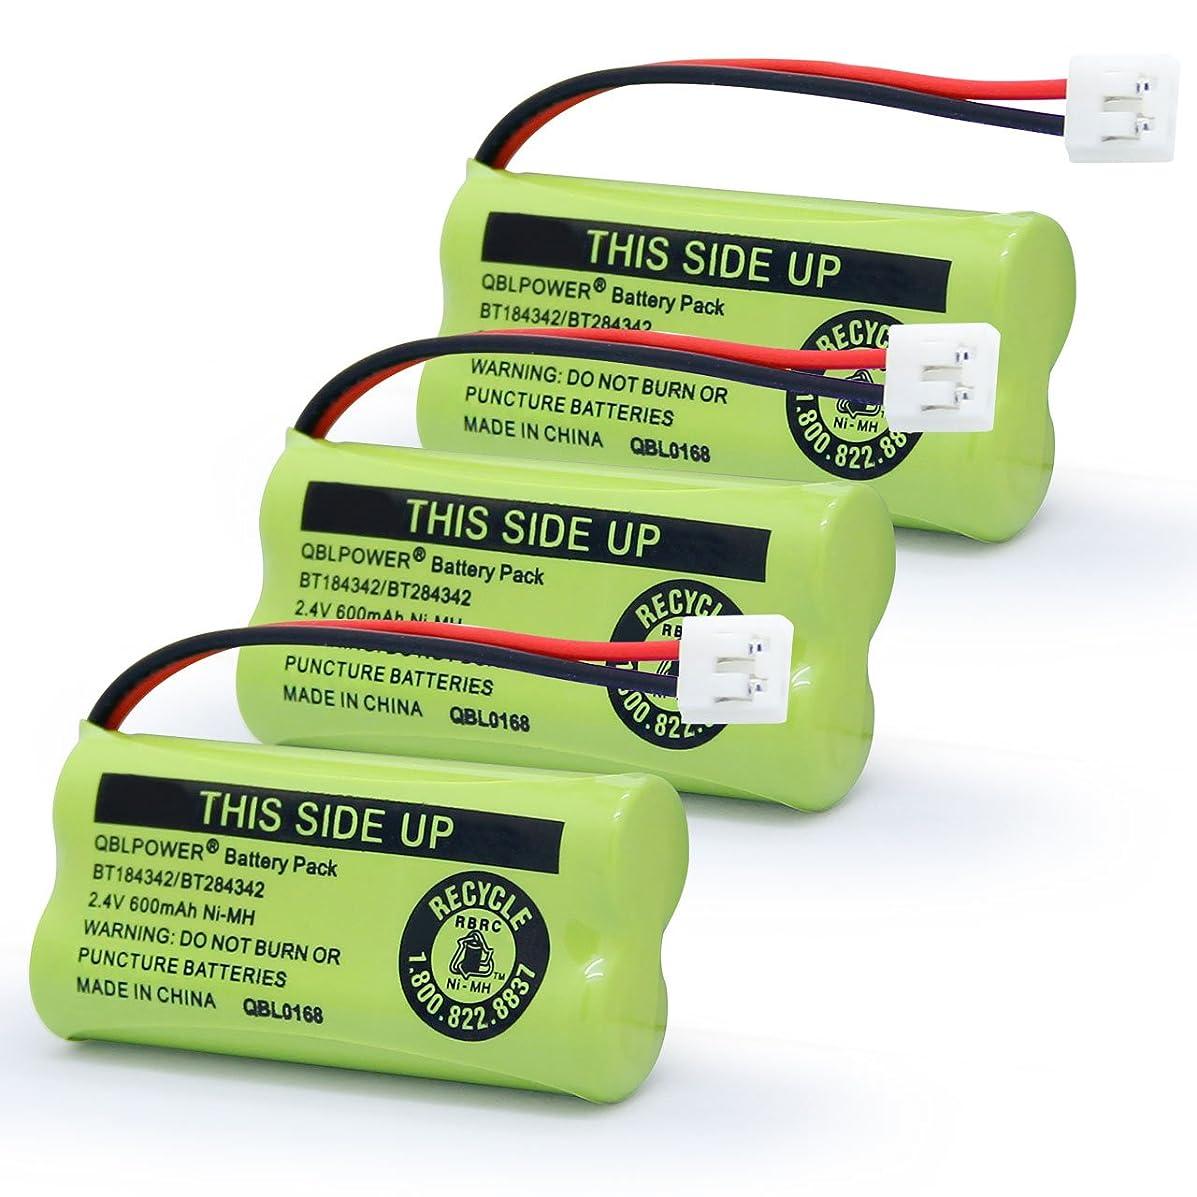 QBLPOWER BT184342/BT284342 Cordless Phone Battery Pack Compatible with AT&T BT8000 BT8001 BT8300 BT18433 BT28433 89-1335-00 89-1344-01 BATT-6010 CPH-515D 2.4V 600mAh NiMH(3 Pack)